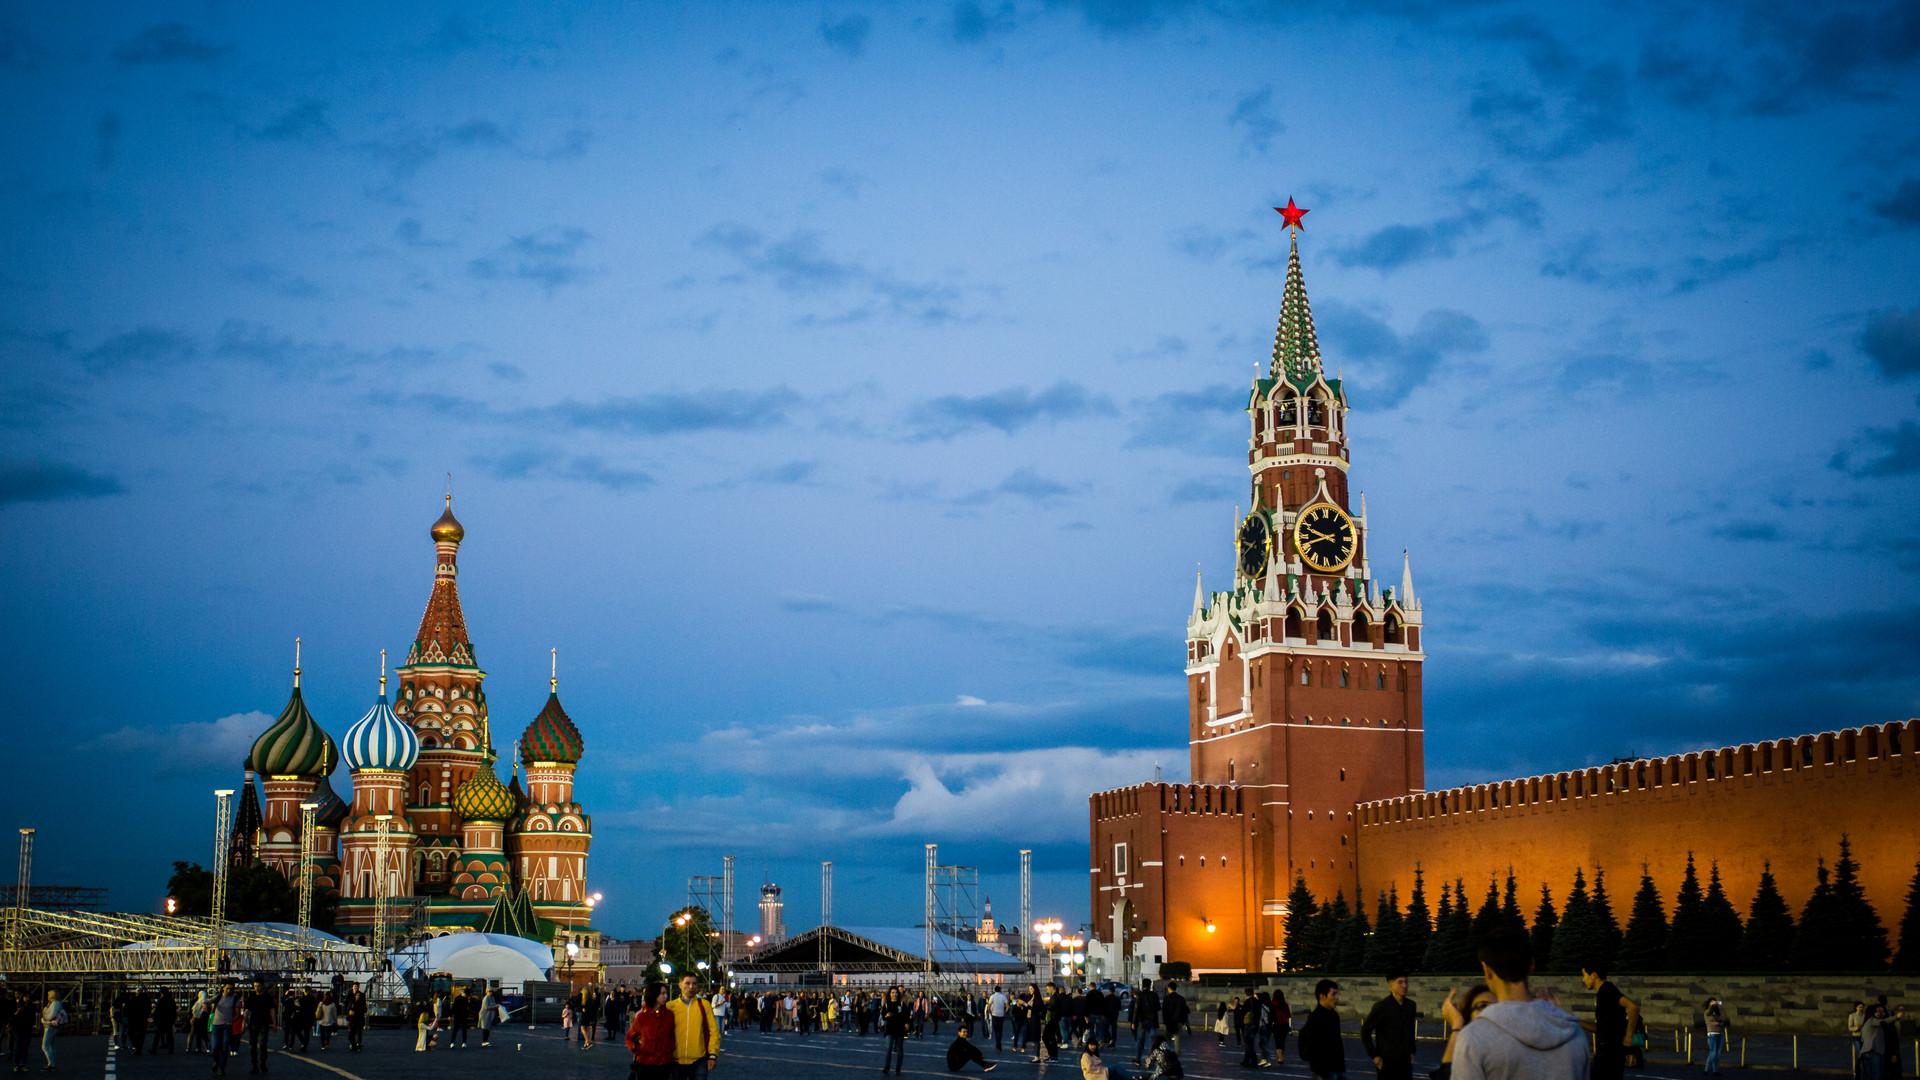 寄快递到俄罗斯 国际快递 寄国际快递 快递到俄罗斯 国际快递注意事项 鹿跃国际快递 俄罗斯双清包税专线